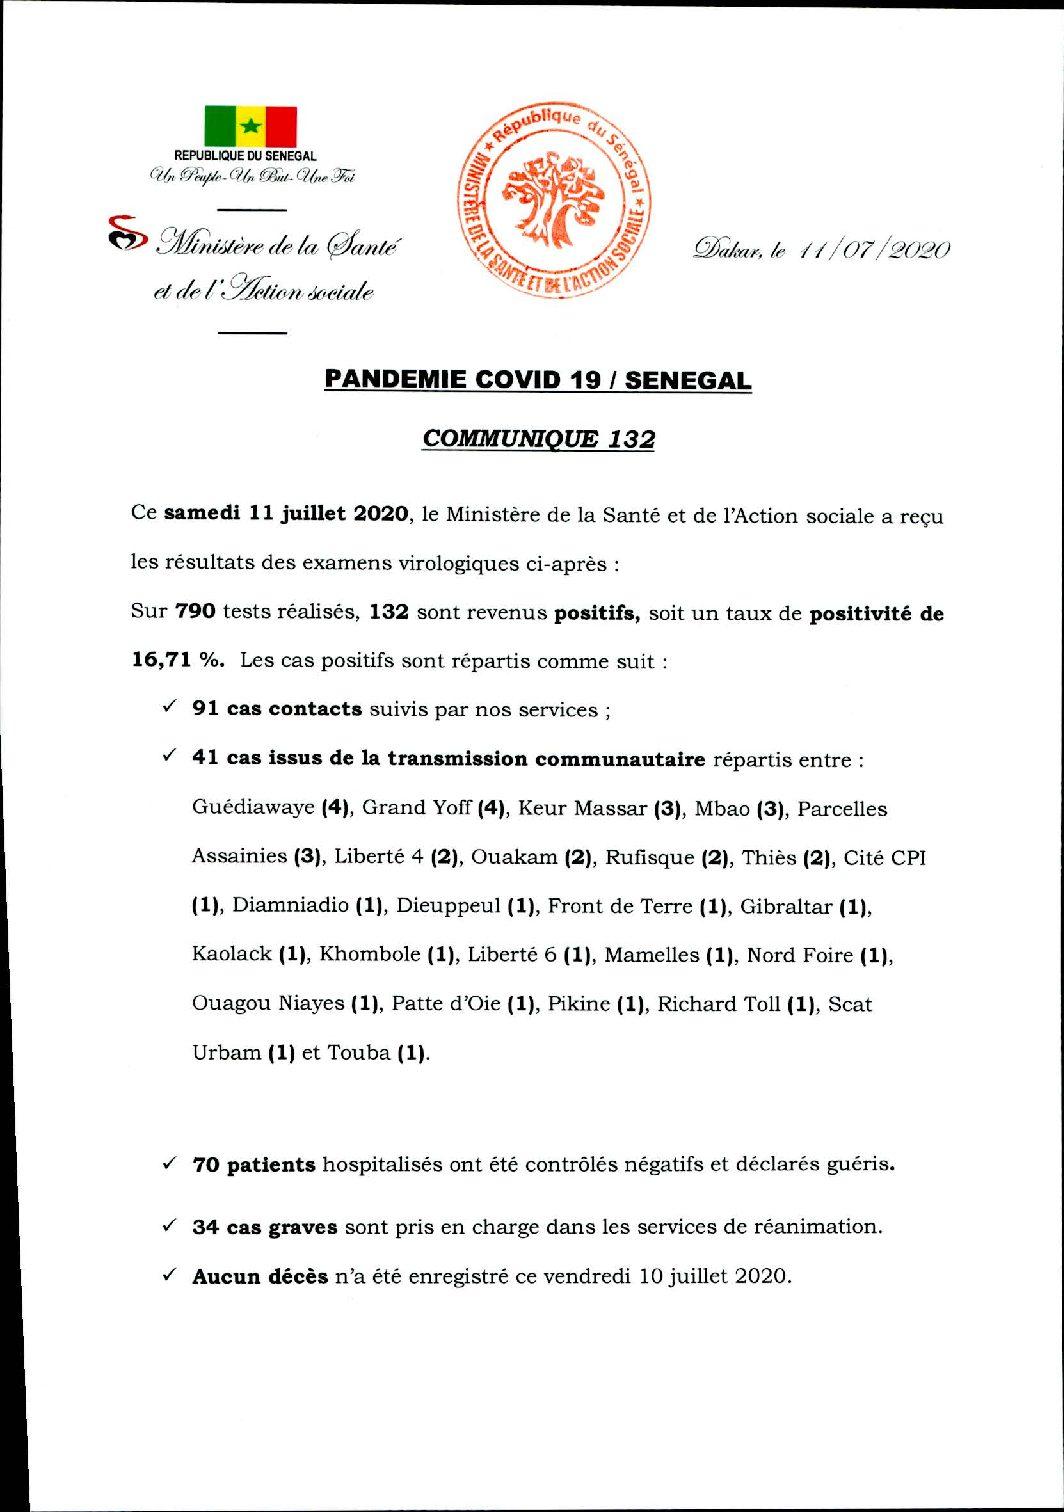 COMMUNIQUE 132 DU 11 JUILLET